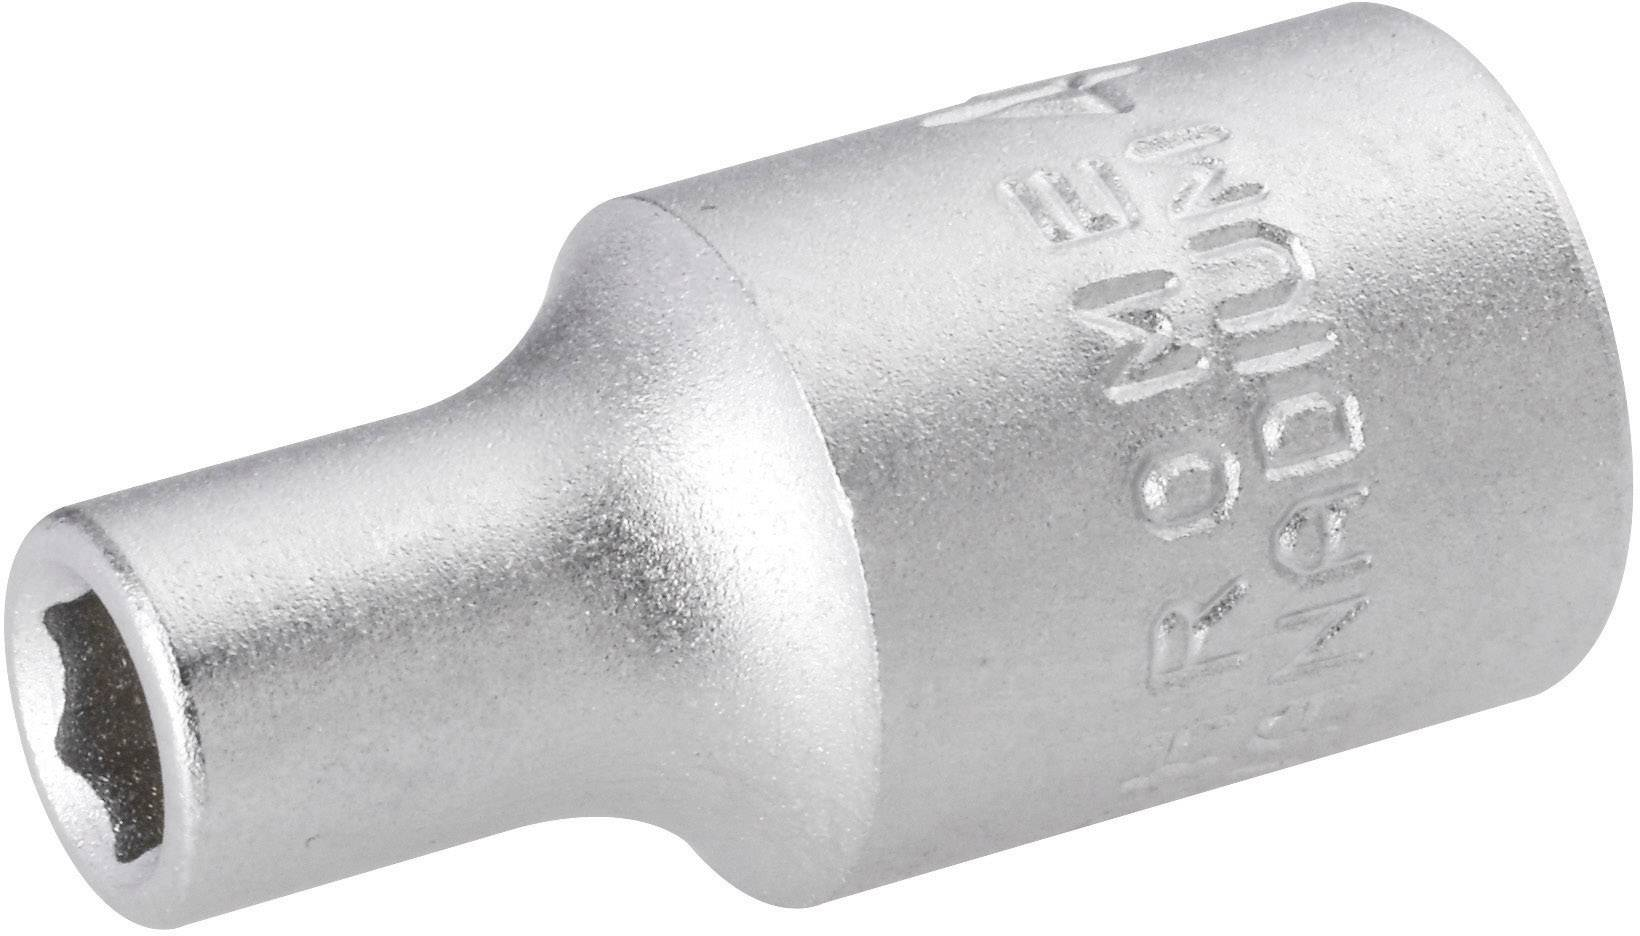 """Nástavec pro ráčnu TOOLCRAFT 820751, vnější šestihran, 1/4"""" (6,3 mm), 11 mm, chrom-vanadová ocel"""